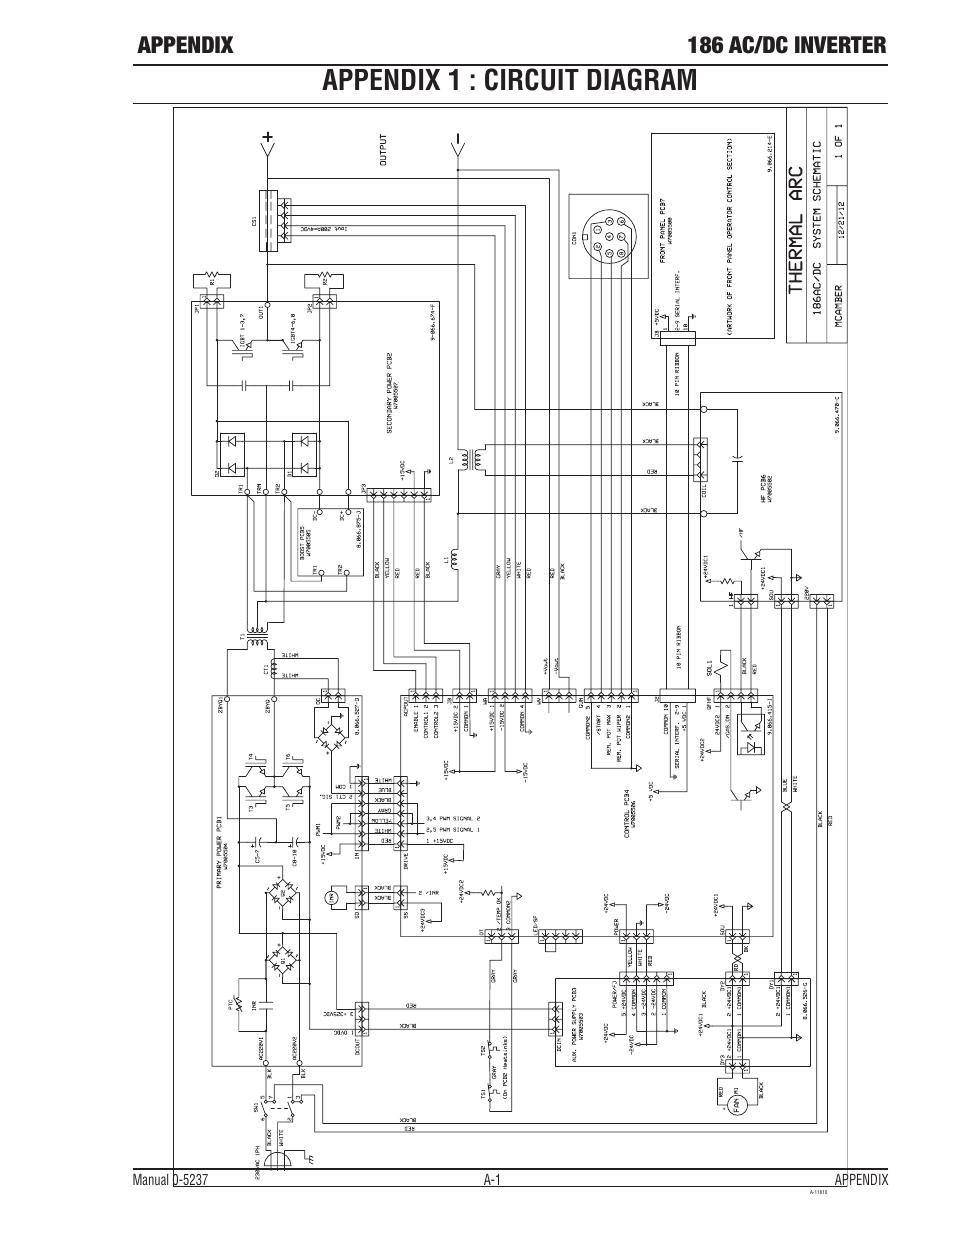 Ap0-5143-apendix, Appendix 1 : circuit diagram, Appendix